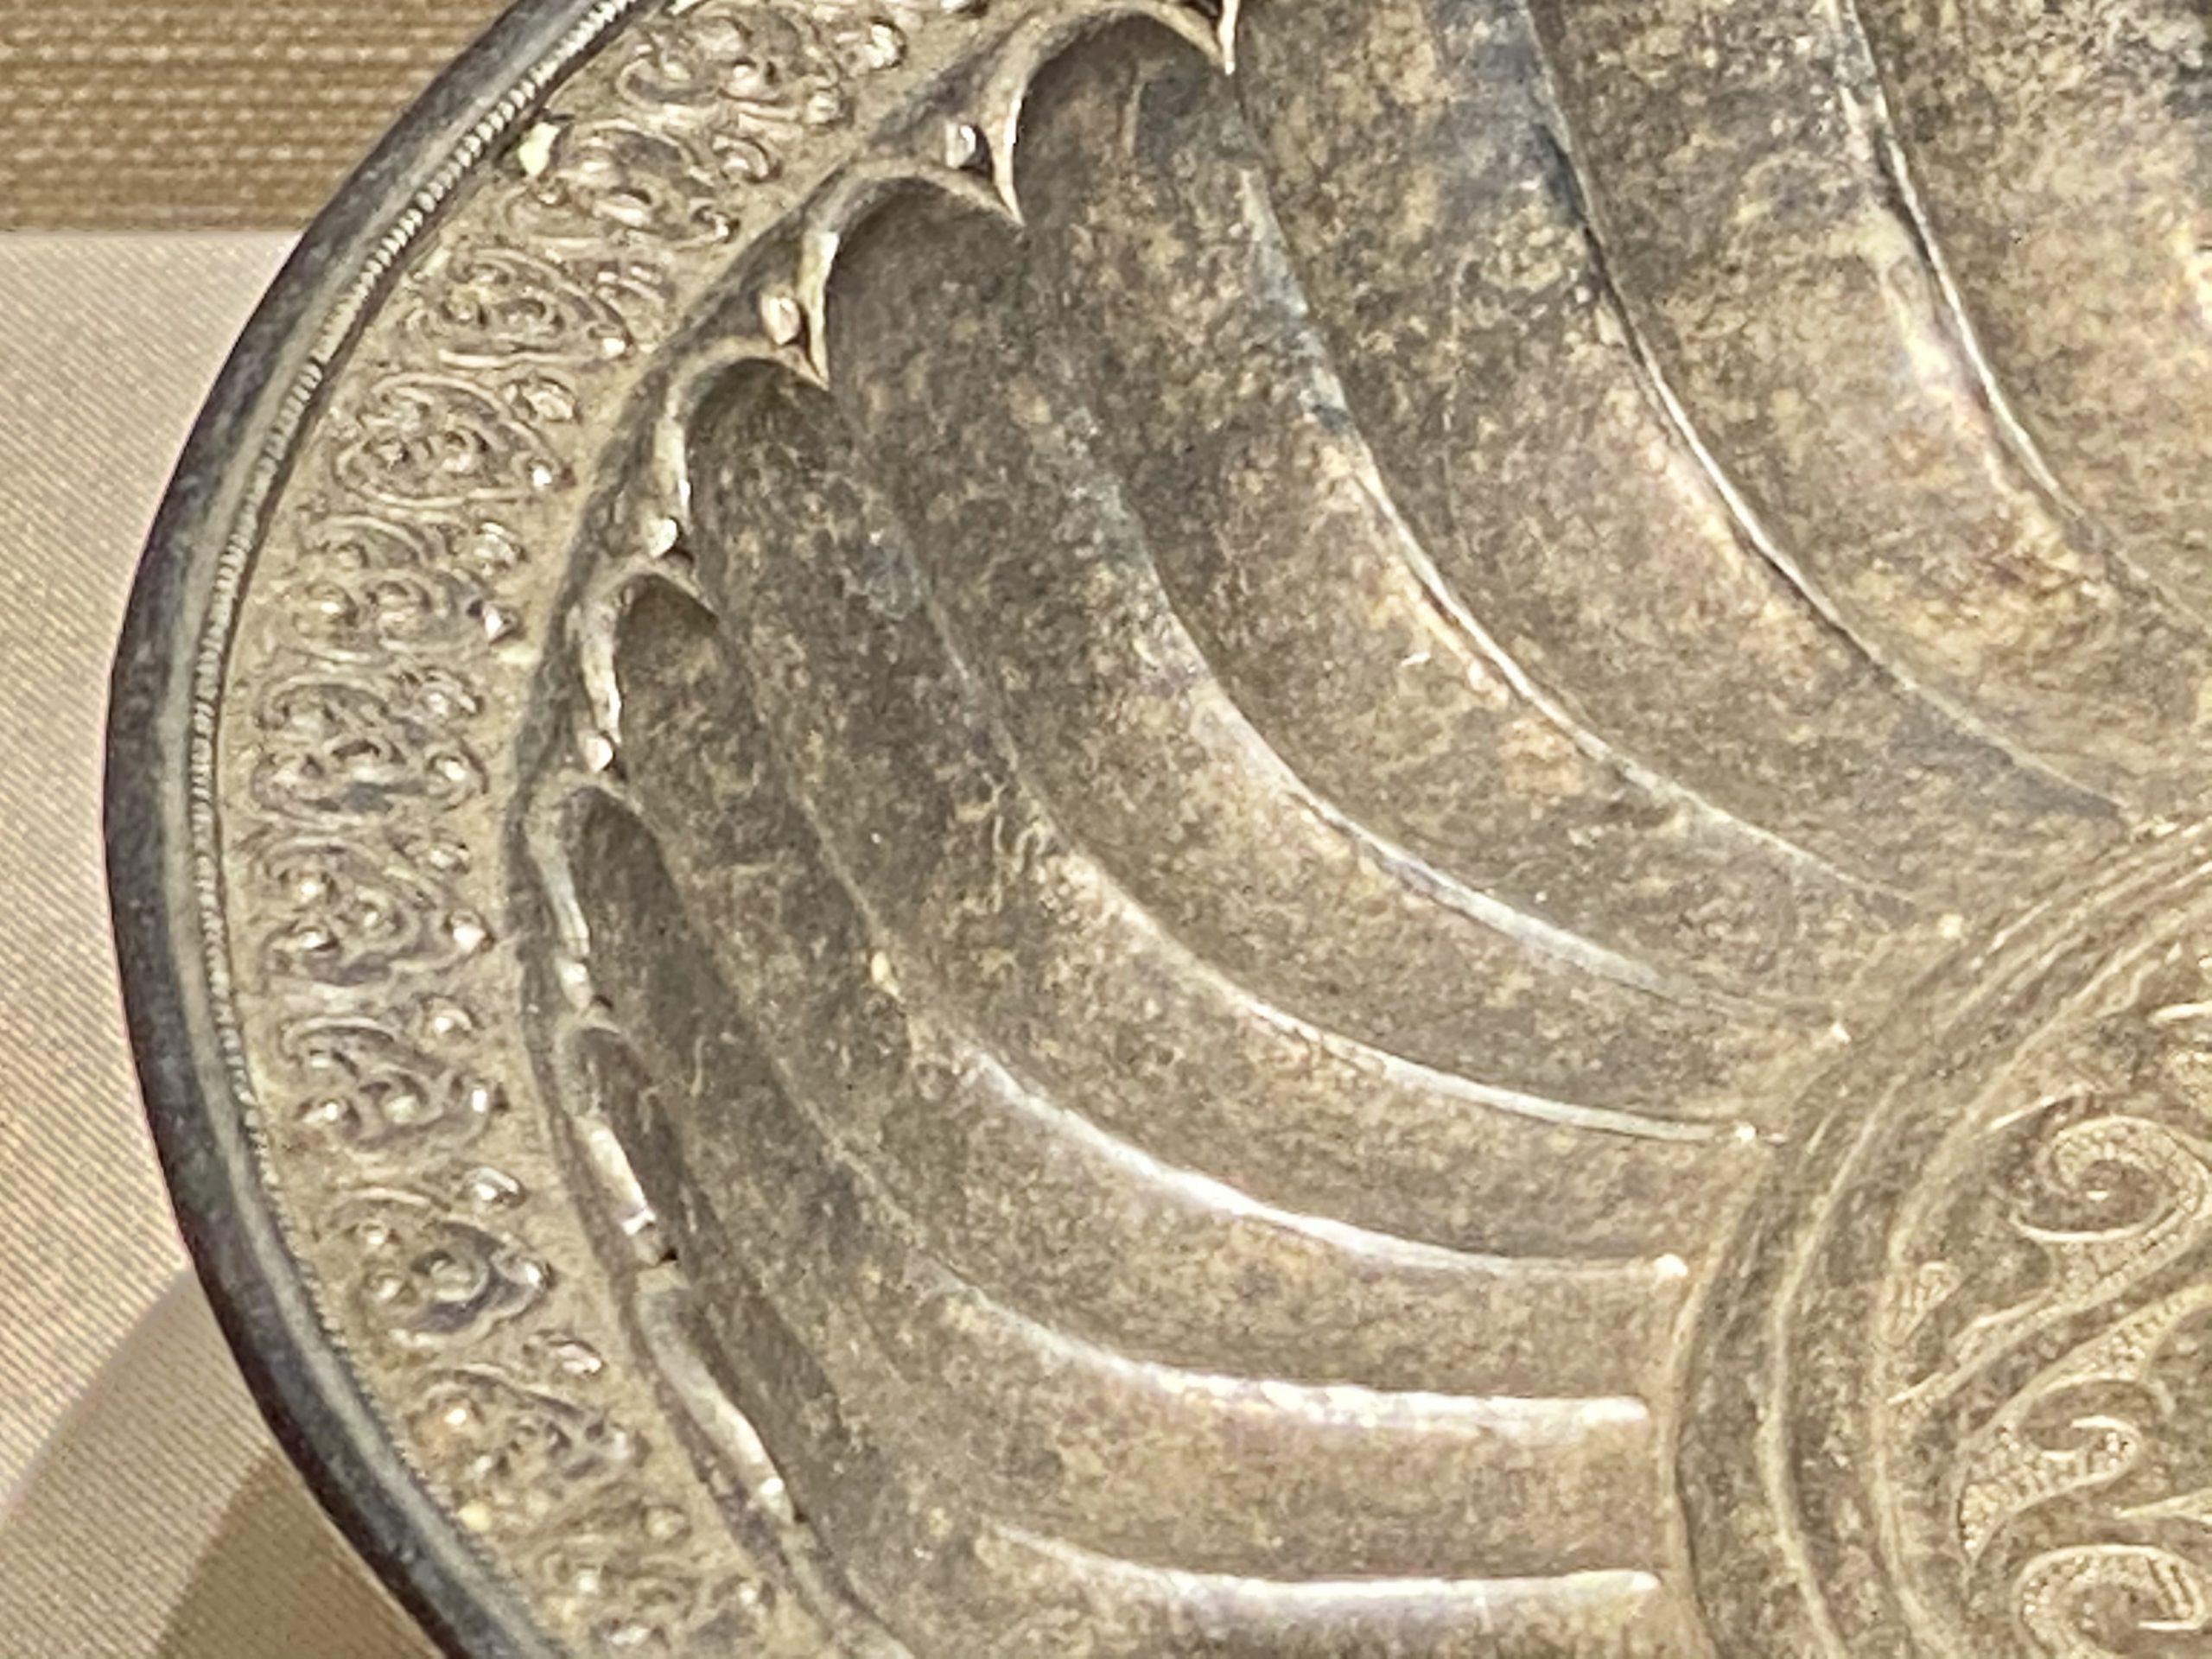 銀供盤-現代-巡回特別展【天歌長歌-唐蕃古道】-四川博物館